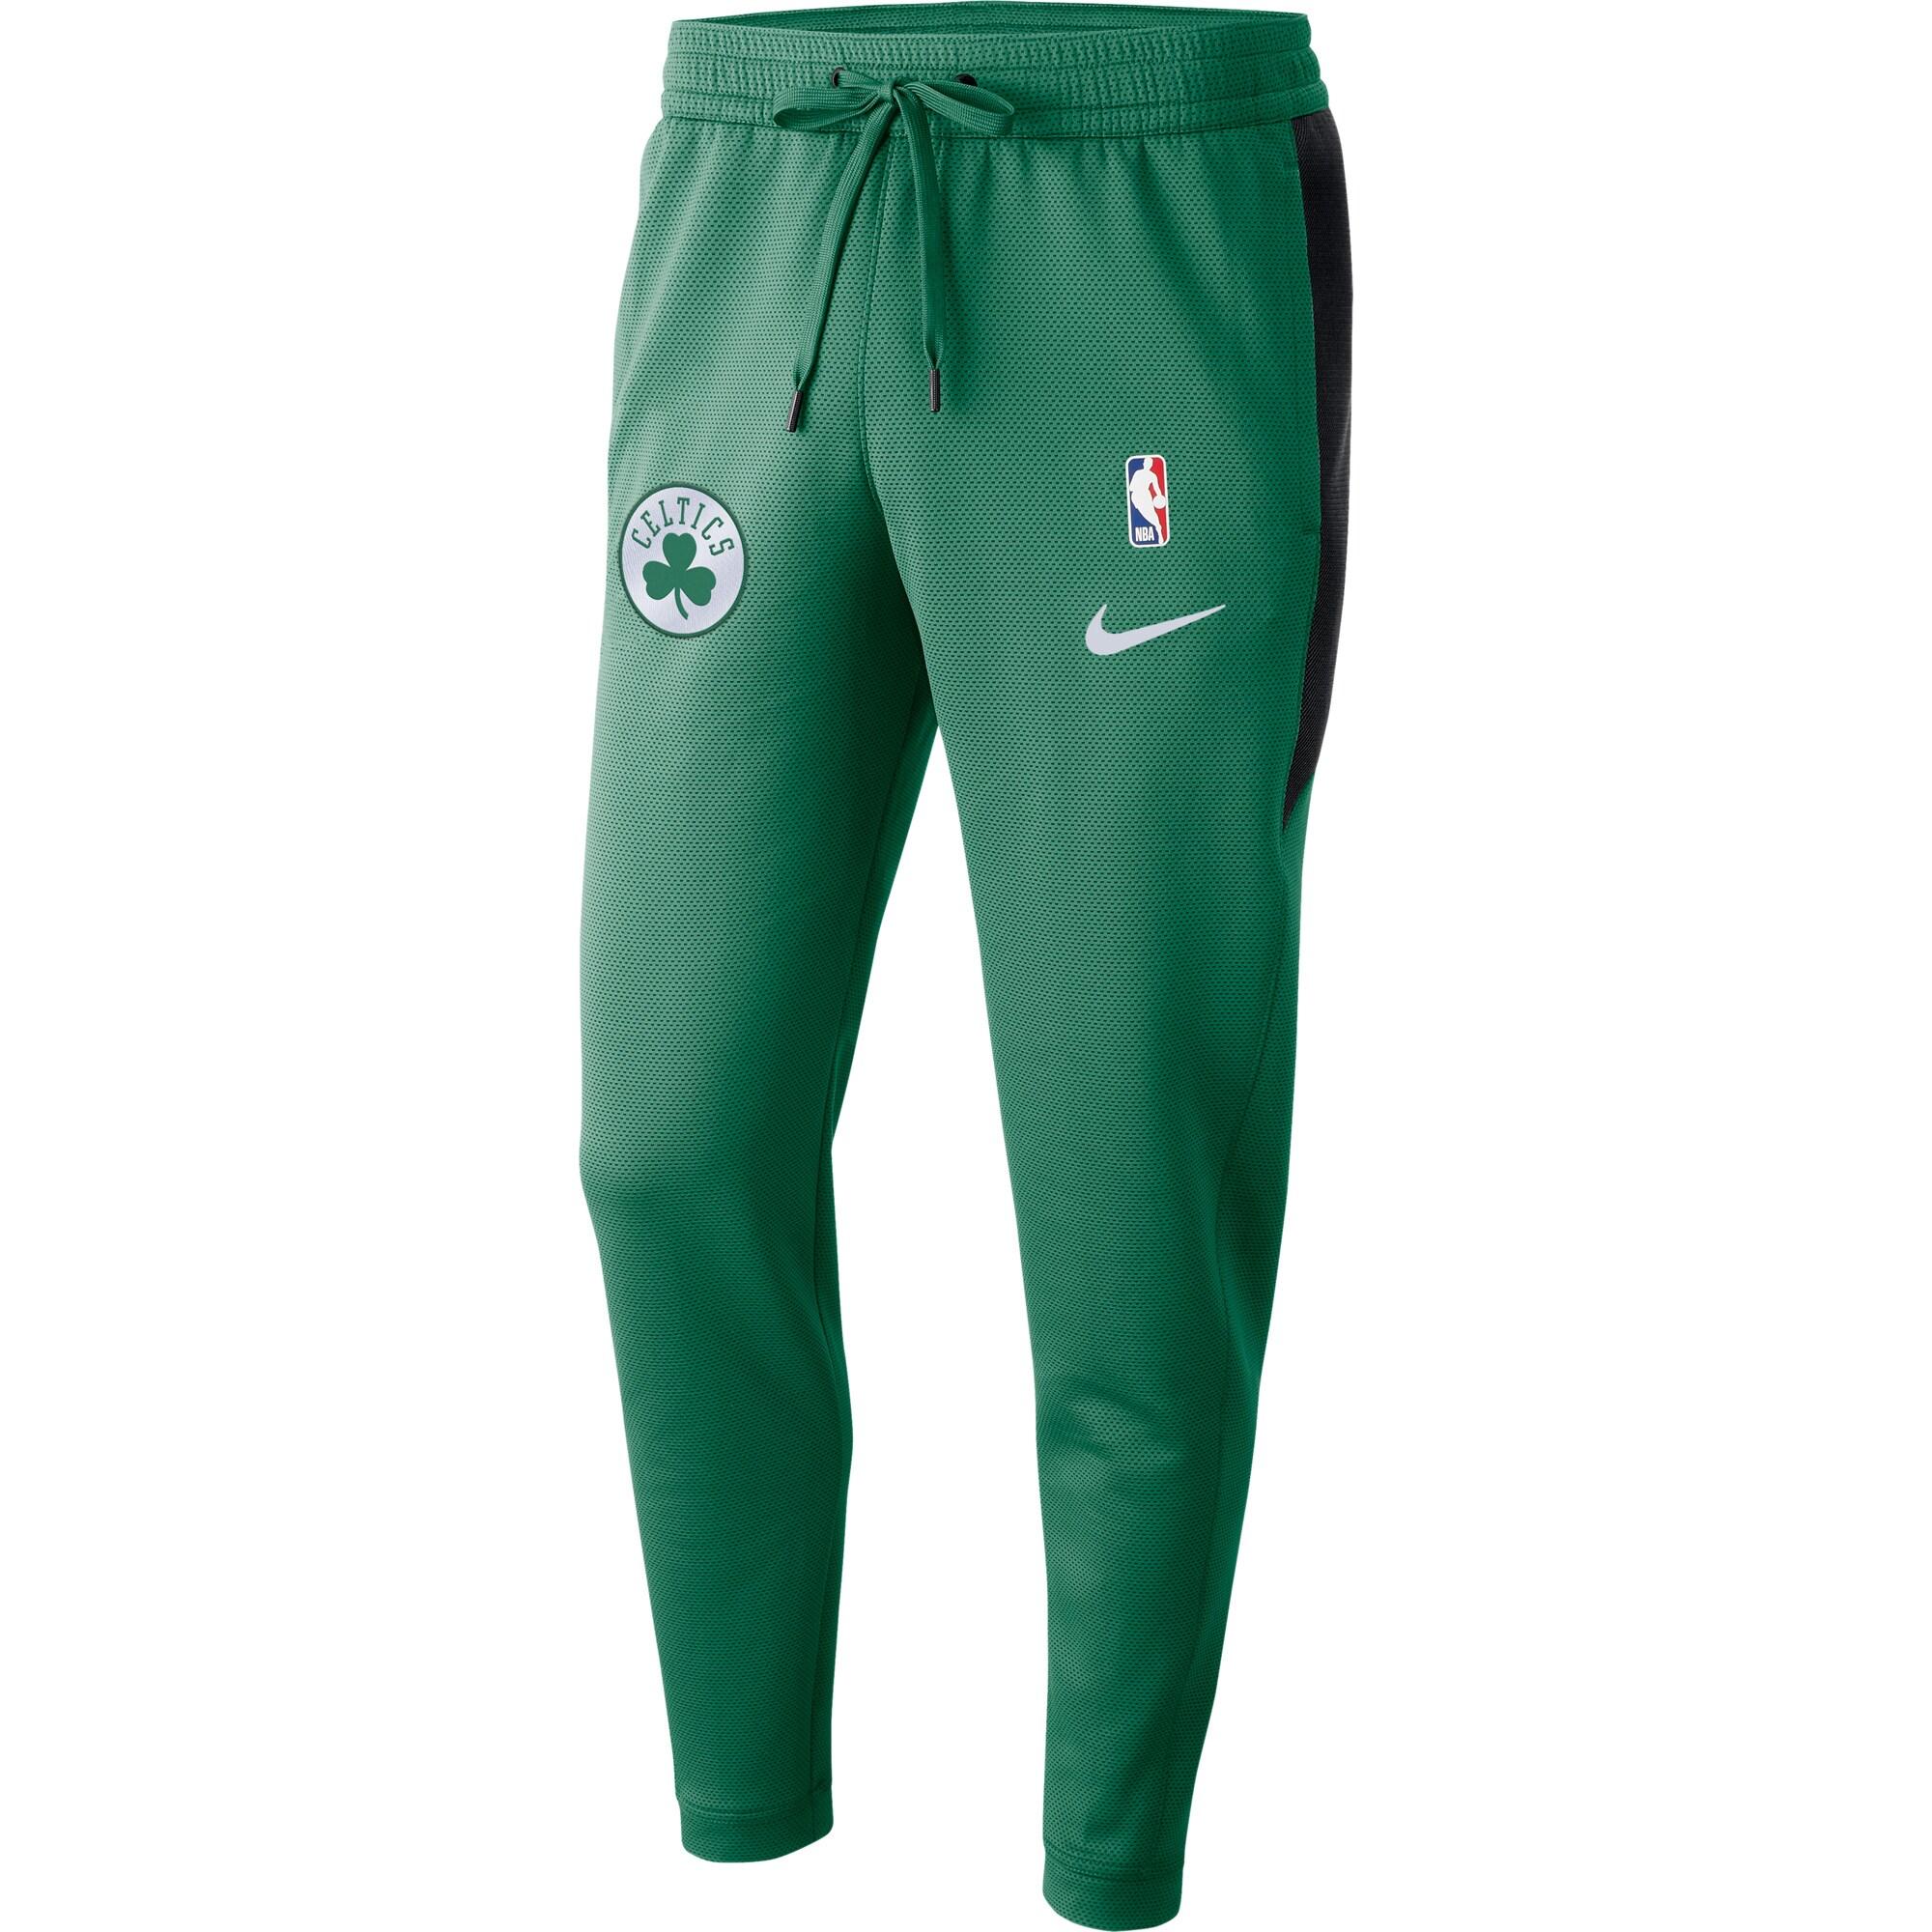 Boston Celtics Nike Showtime Therma Flex Performance Pants - Green